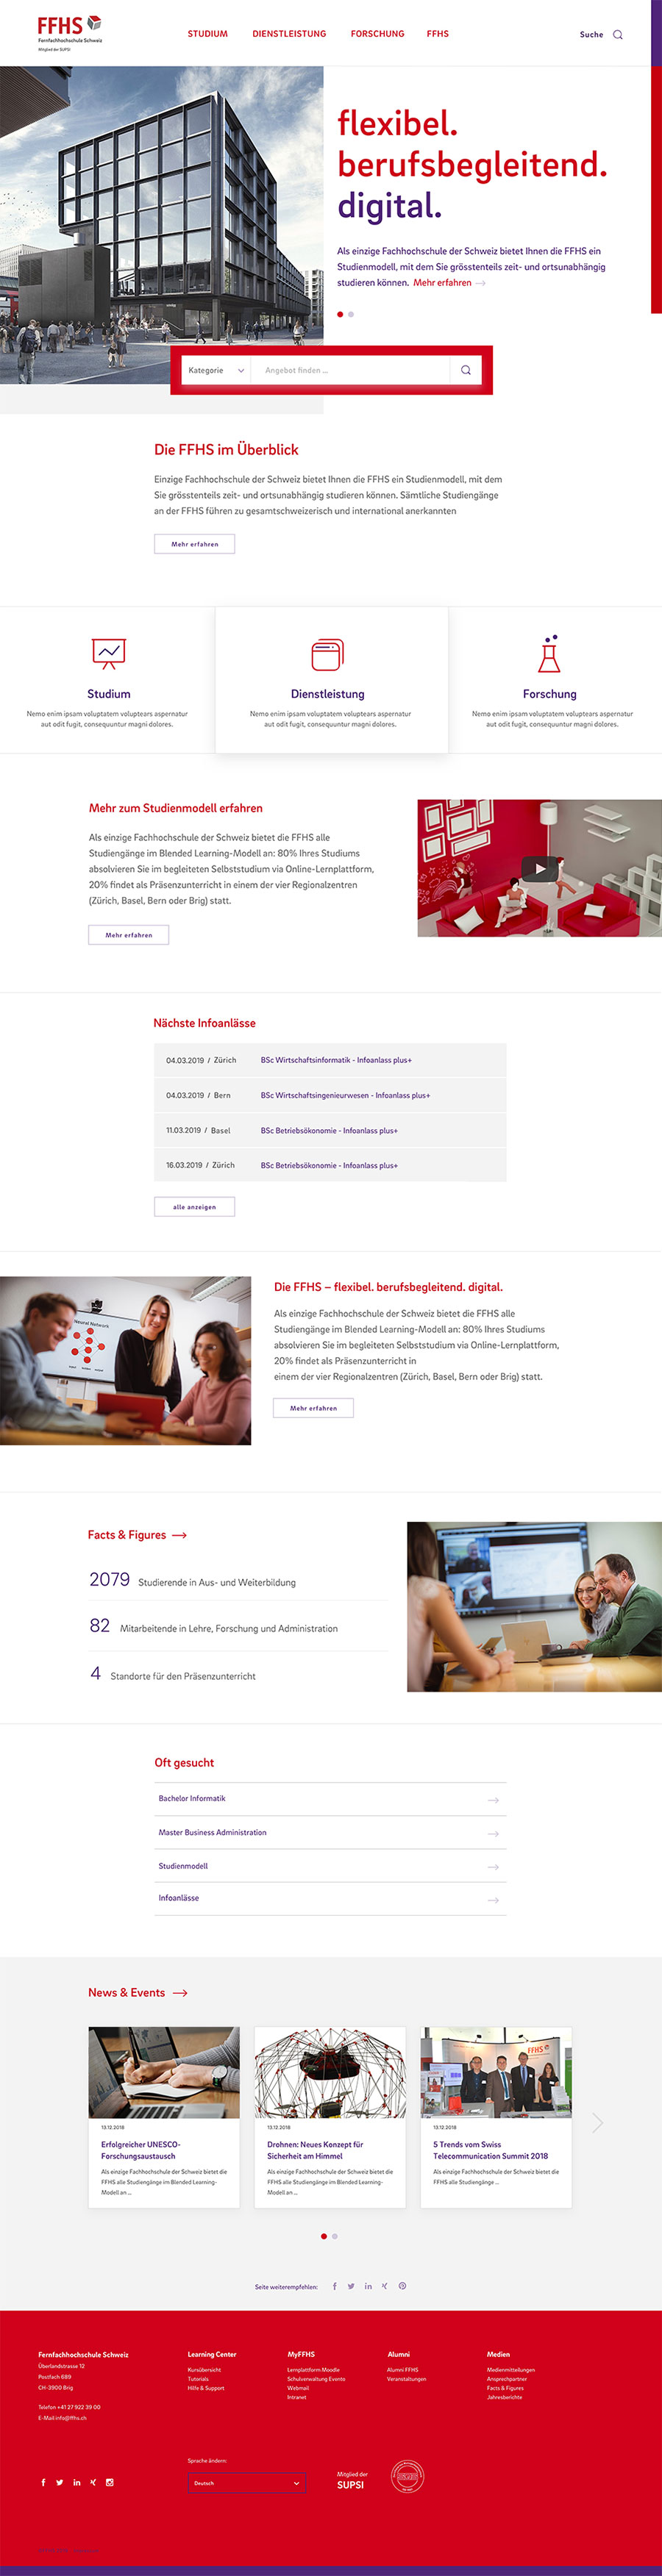 FFHS Digital Website Home Desktop